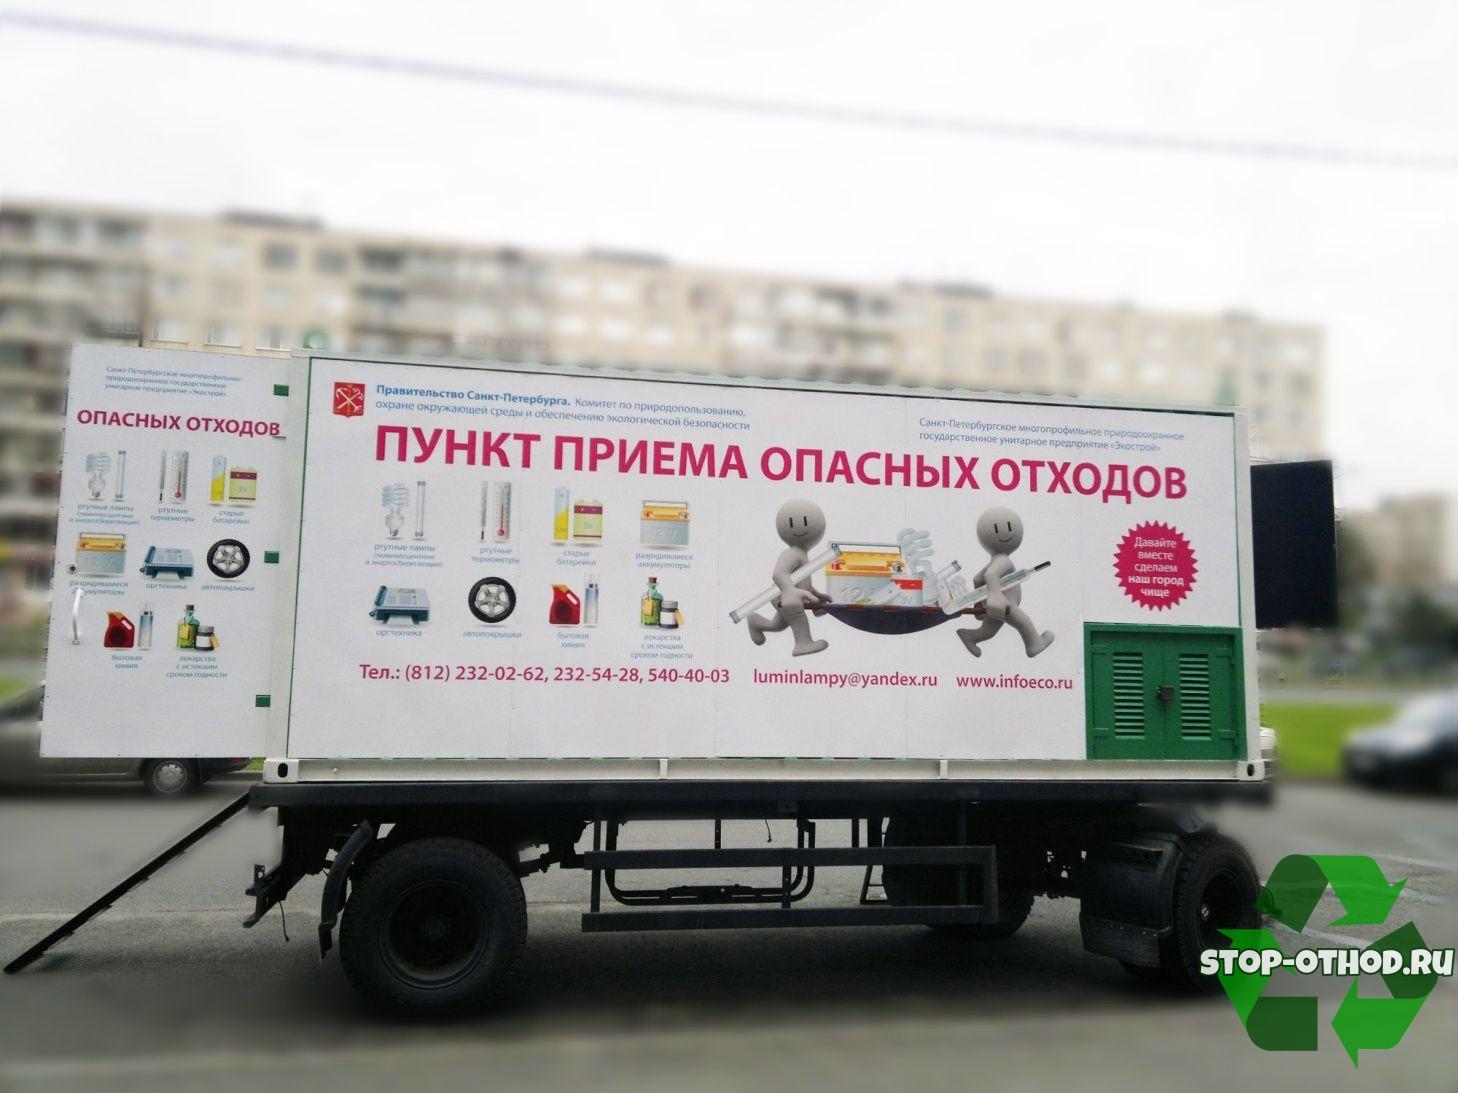 Прием опасных отходов